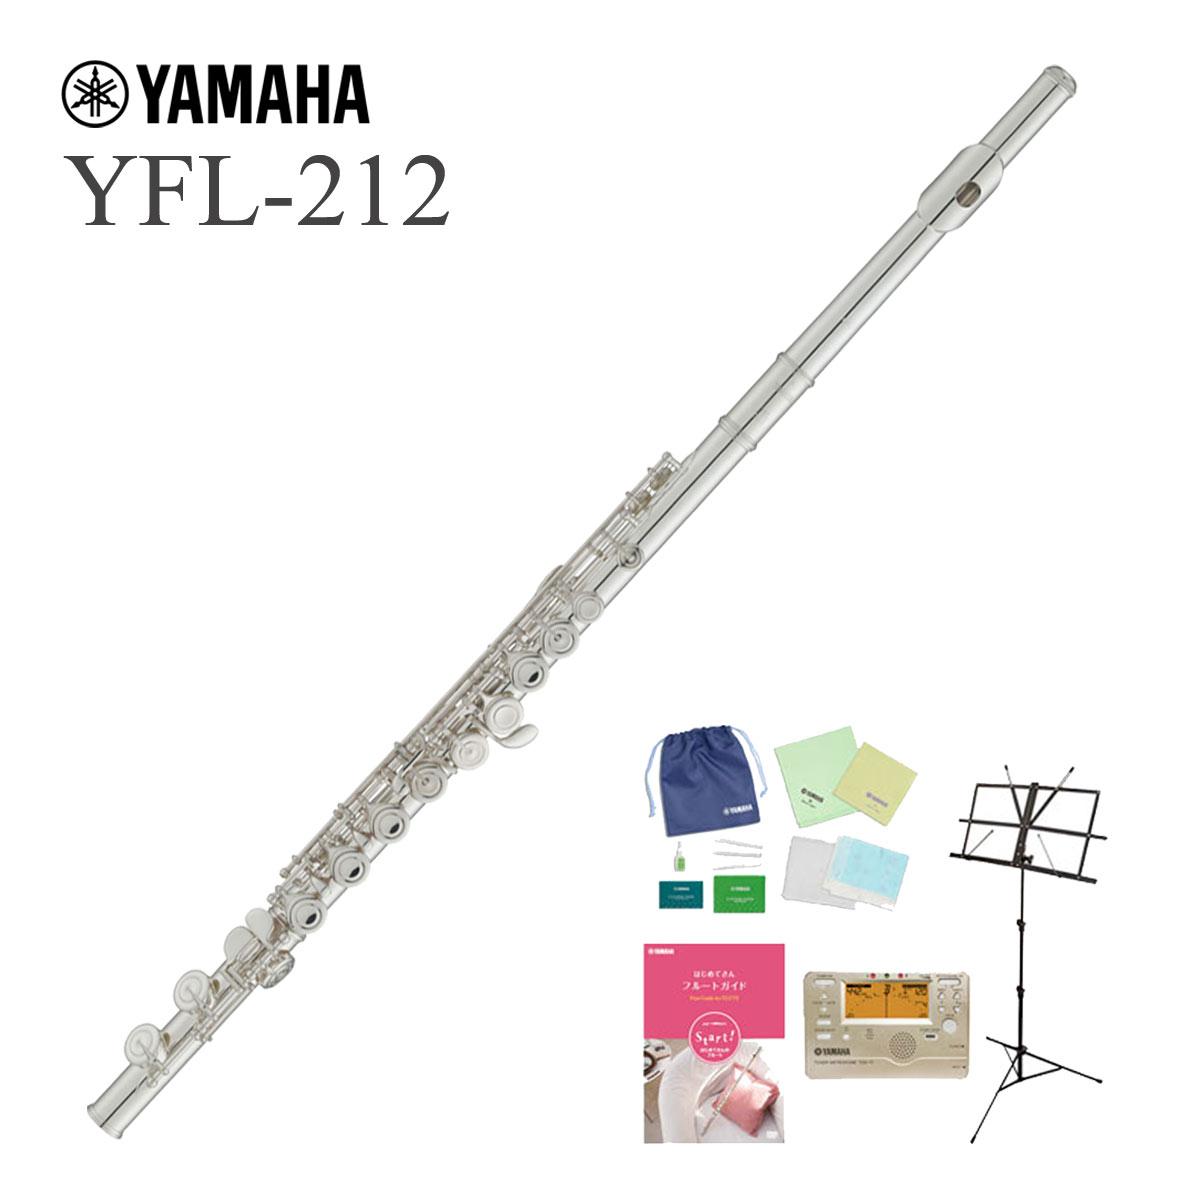 【在庫あり】YAMAHA / YFL-212 ヤマハ スタンダード YFL212 Eメカ付き 初心者におすすめ《5年保証》《全部入りセット》《SPRING FAIR:811163200》